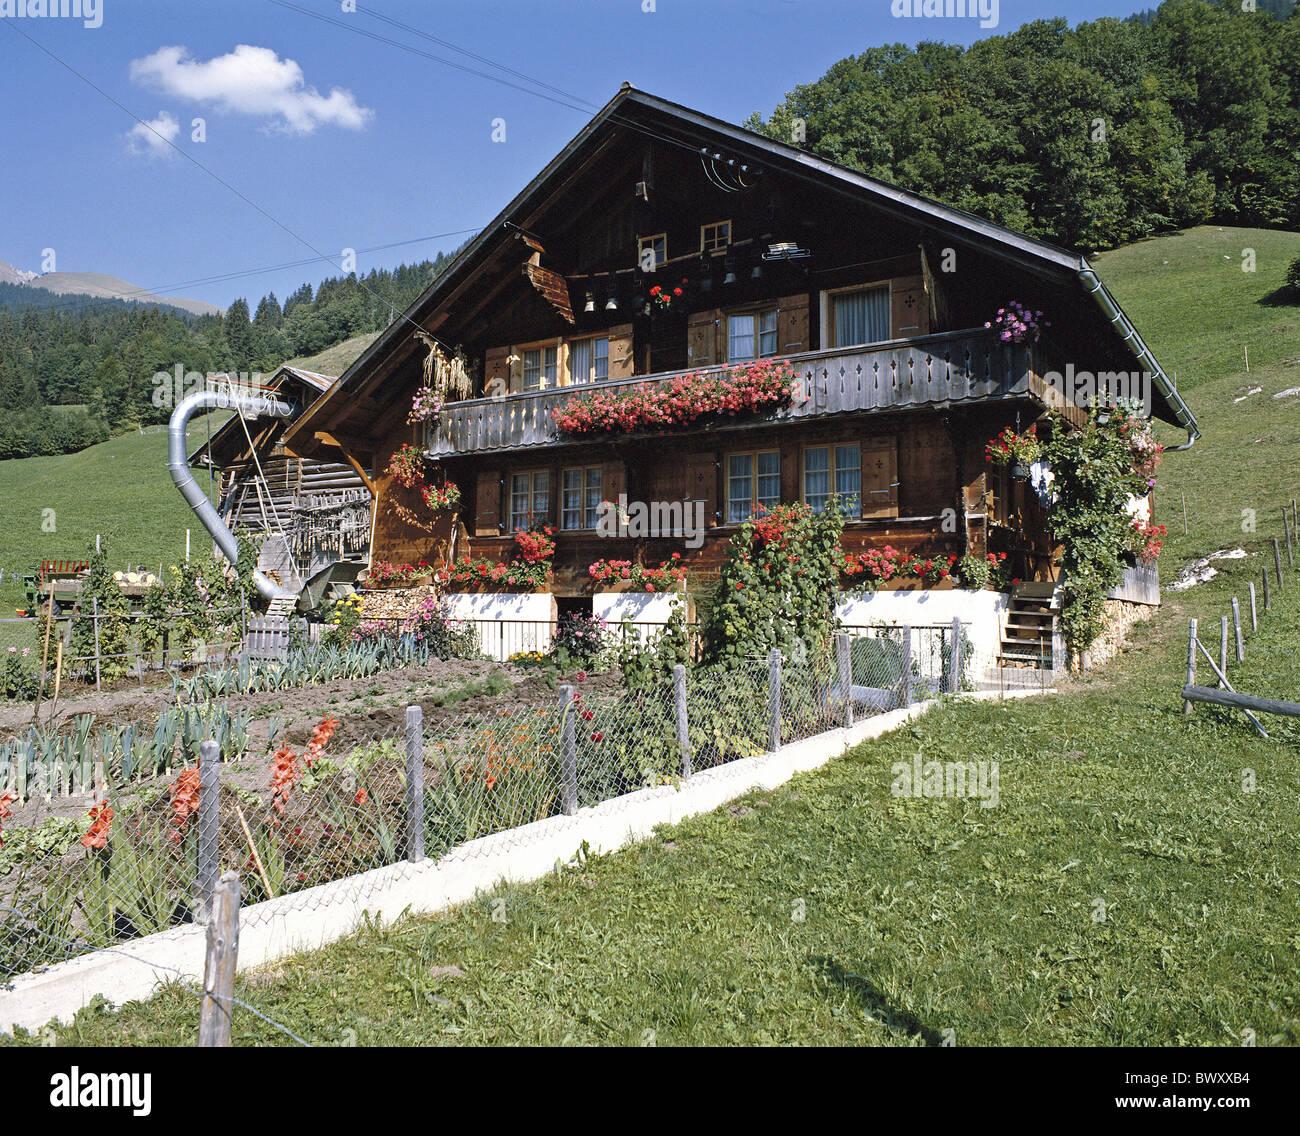 Folklore Bauernhaus Bergen Bauernhäuser Blumen Garten Schweiz Europa Stockbild